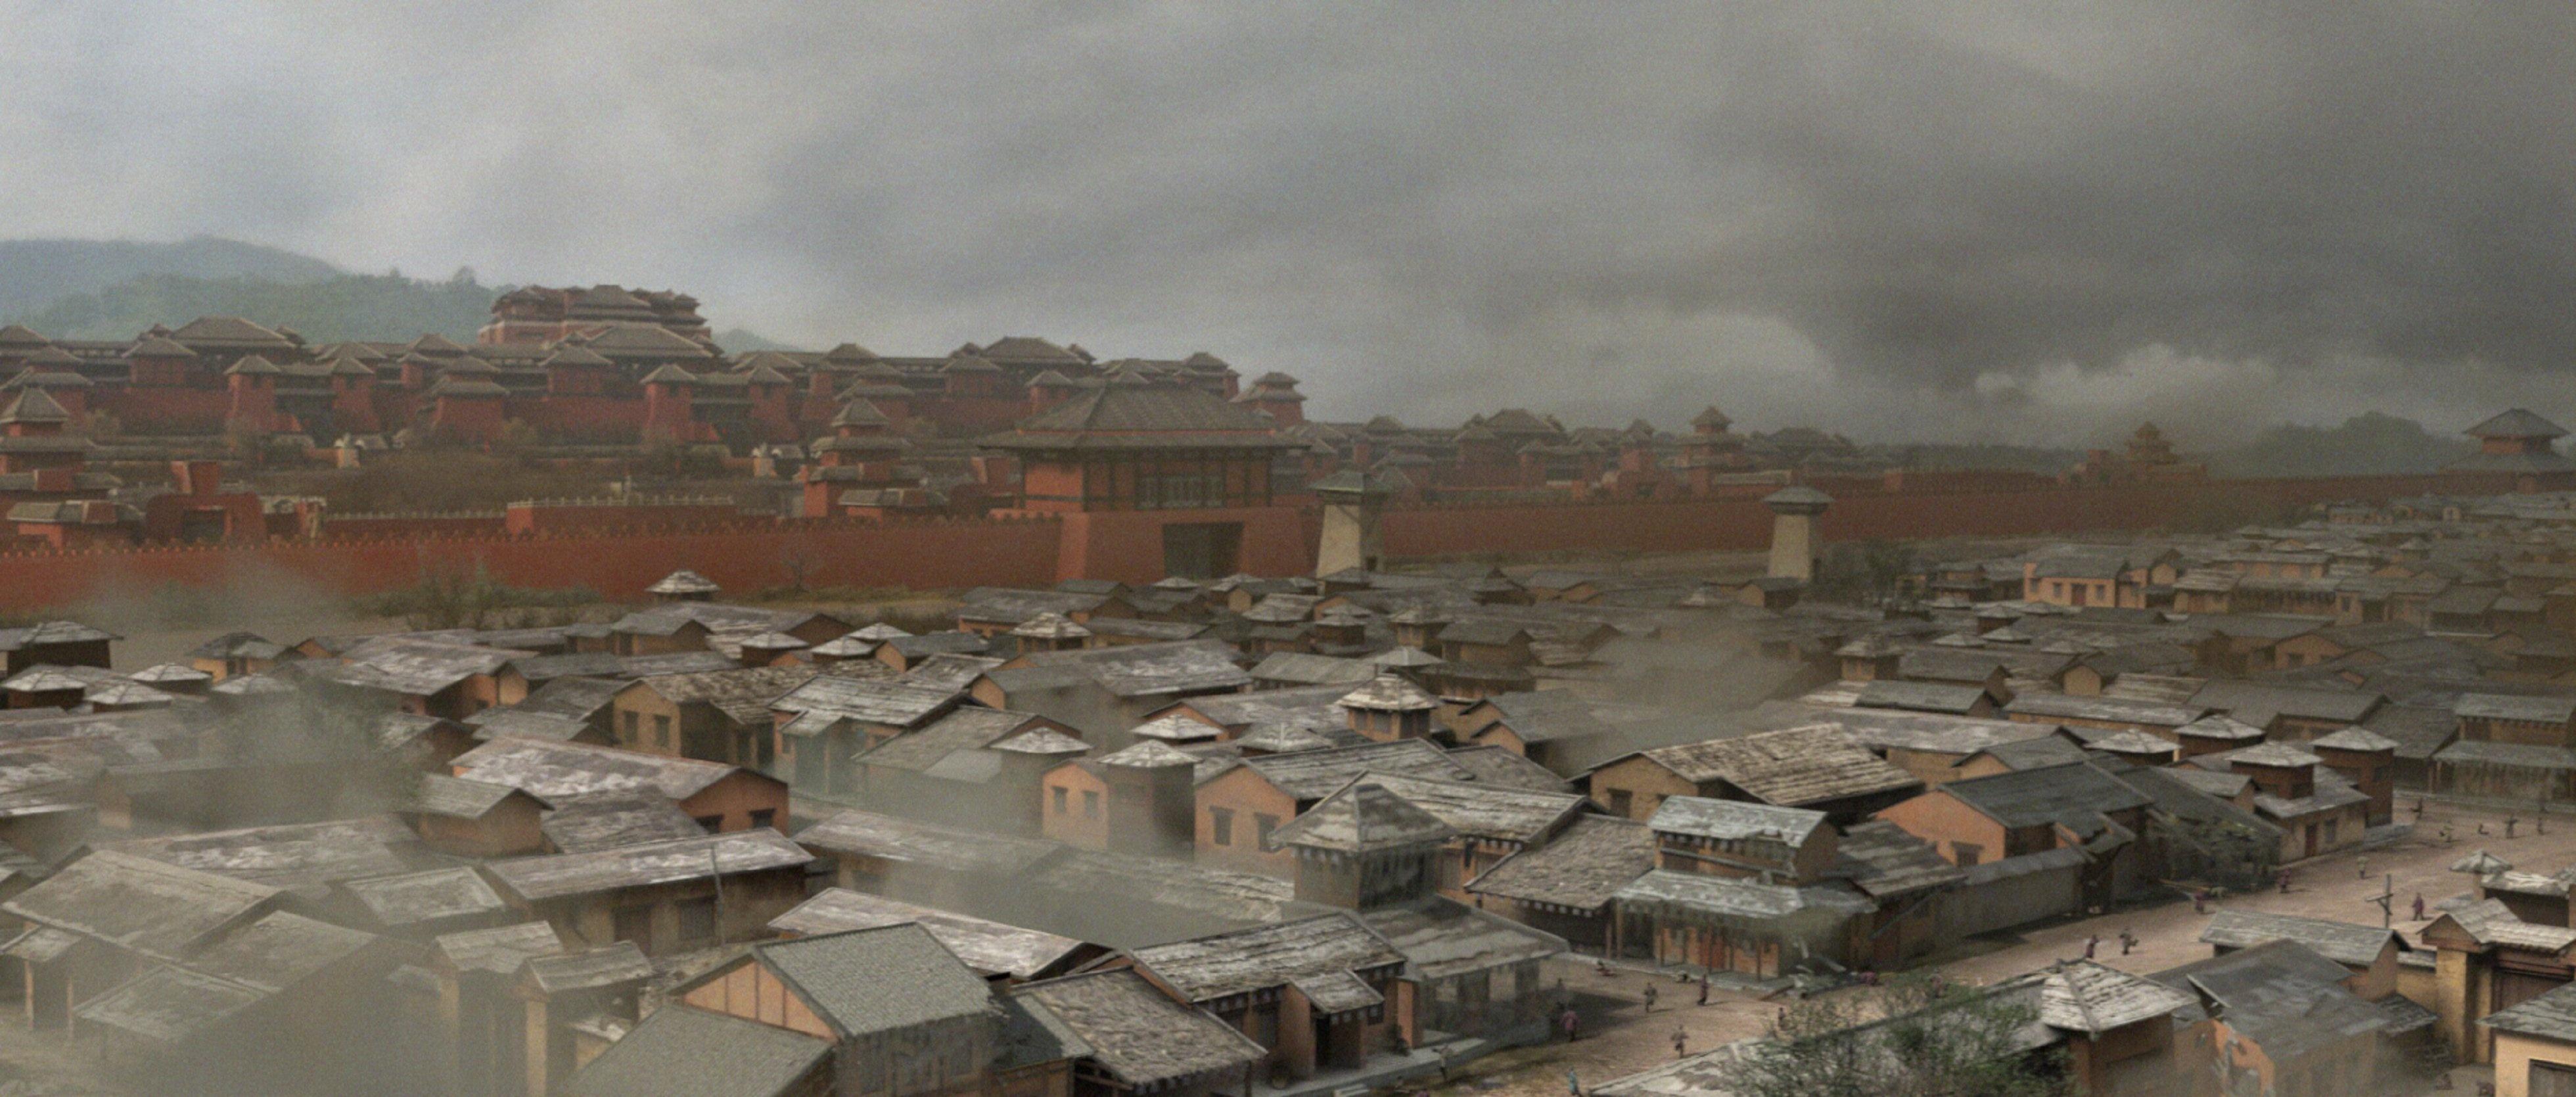 战国_电影剧照_图集_电影网_1905.com